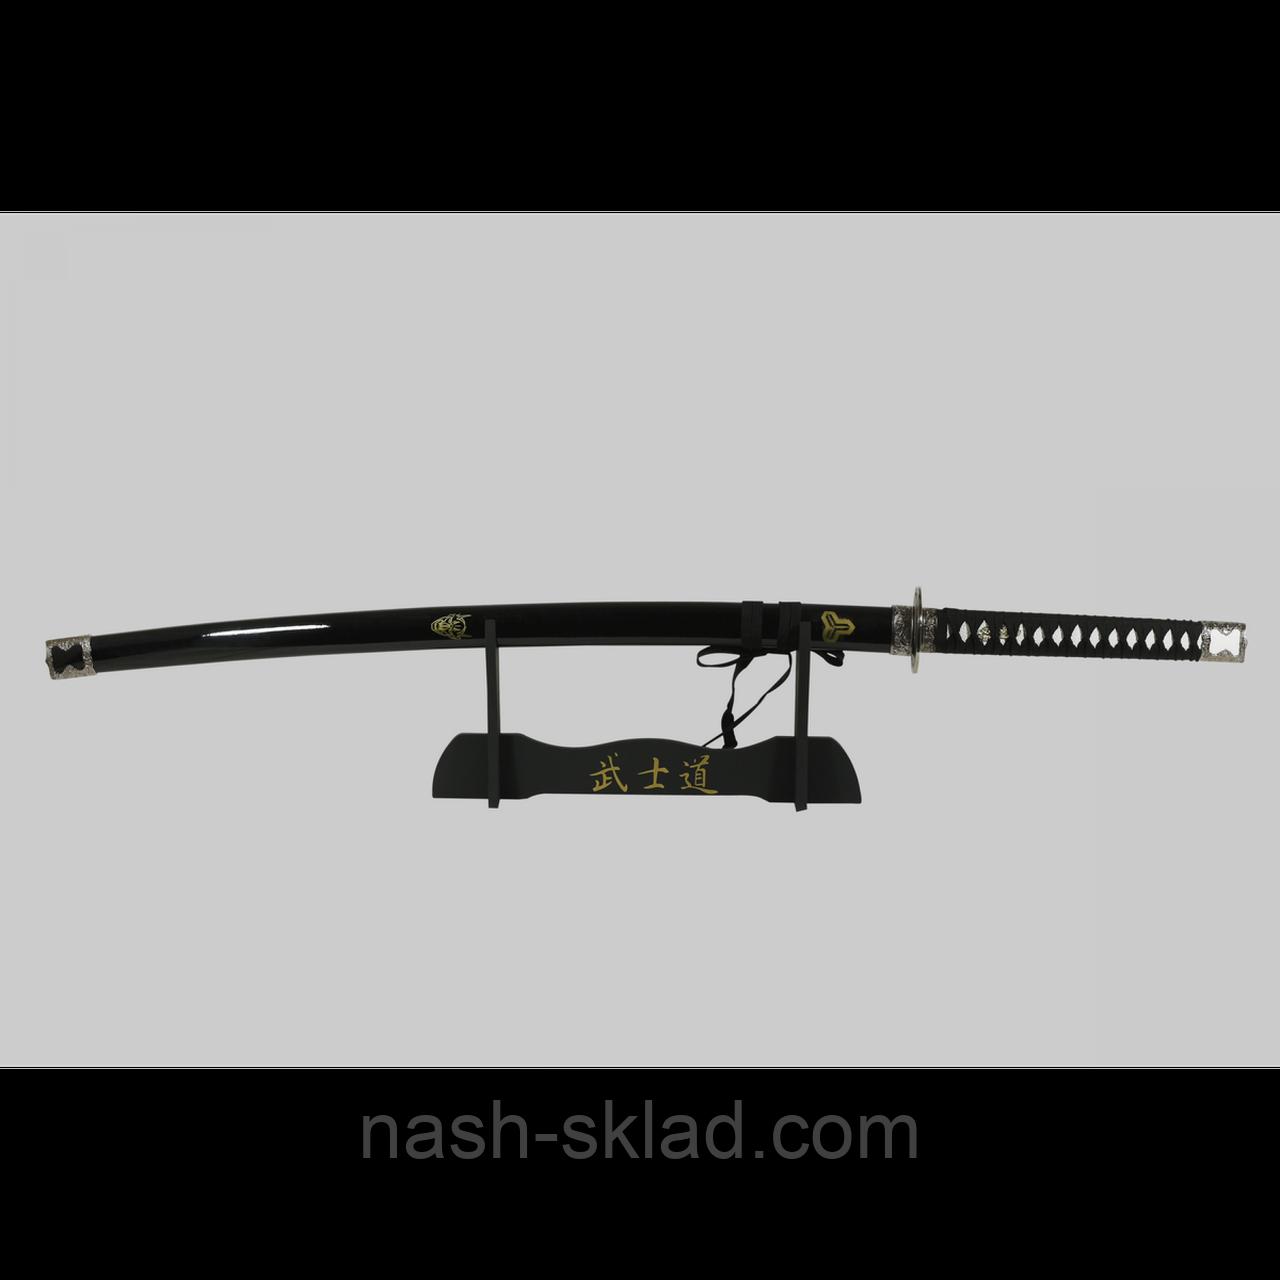 Катана сувенирная, самурайский меч, элитный подарок + подставка